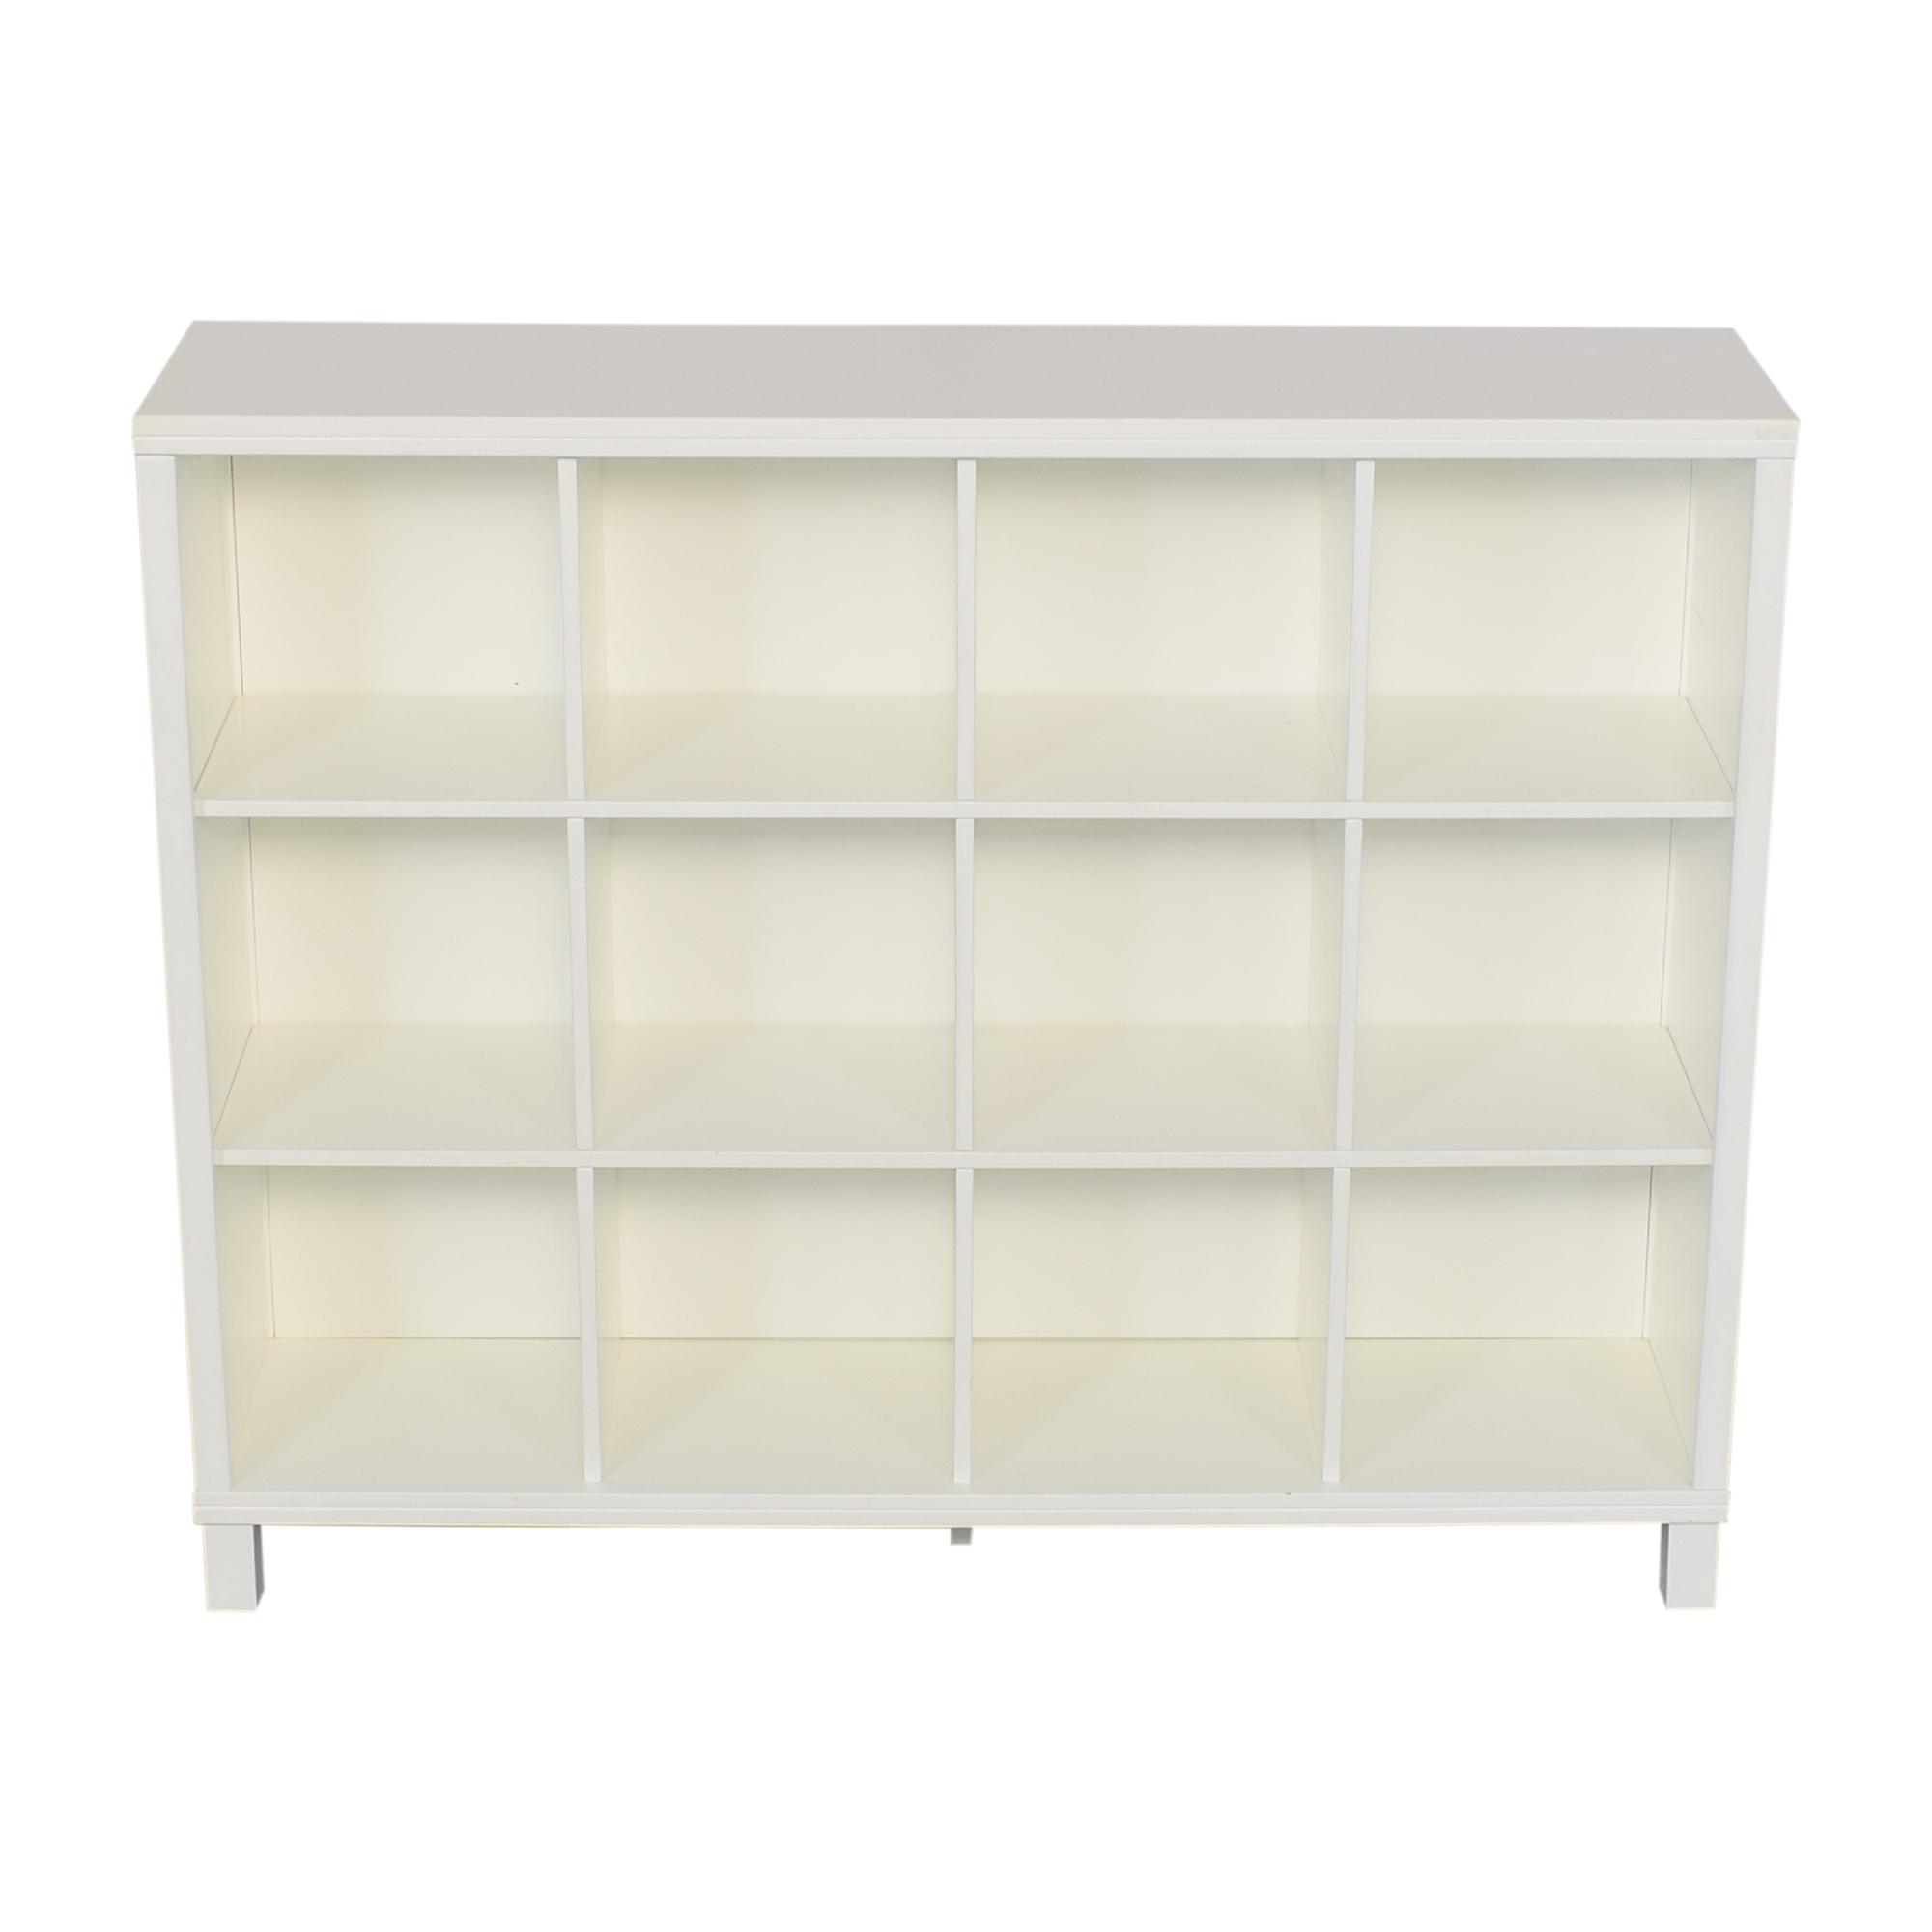 buy Land of Nod Storage Shelving Unit Land of Nod Bookcases & Shelving